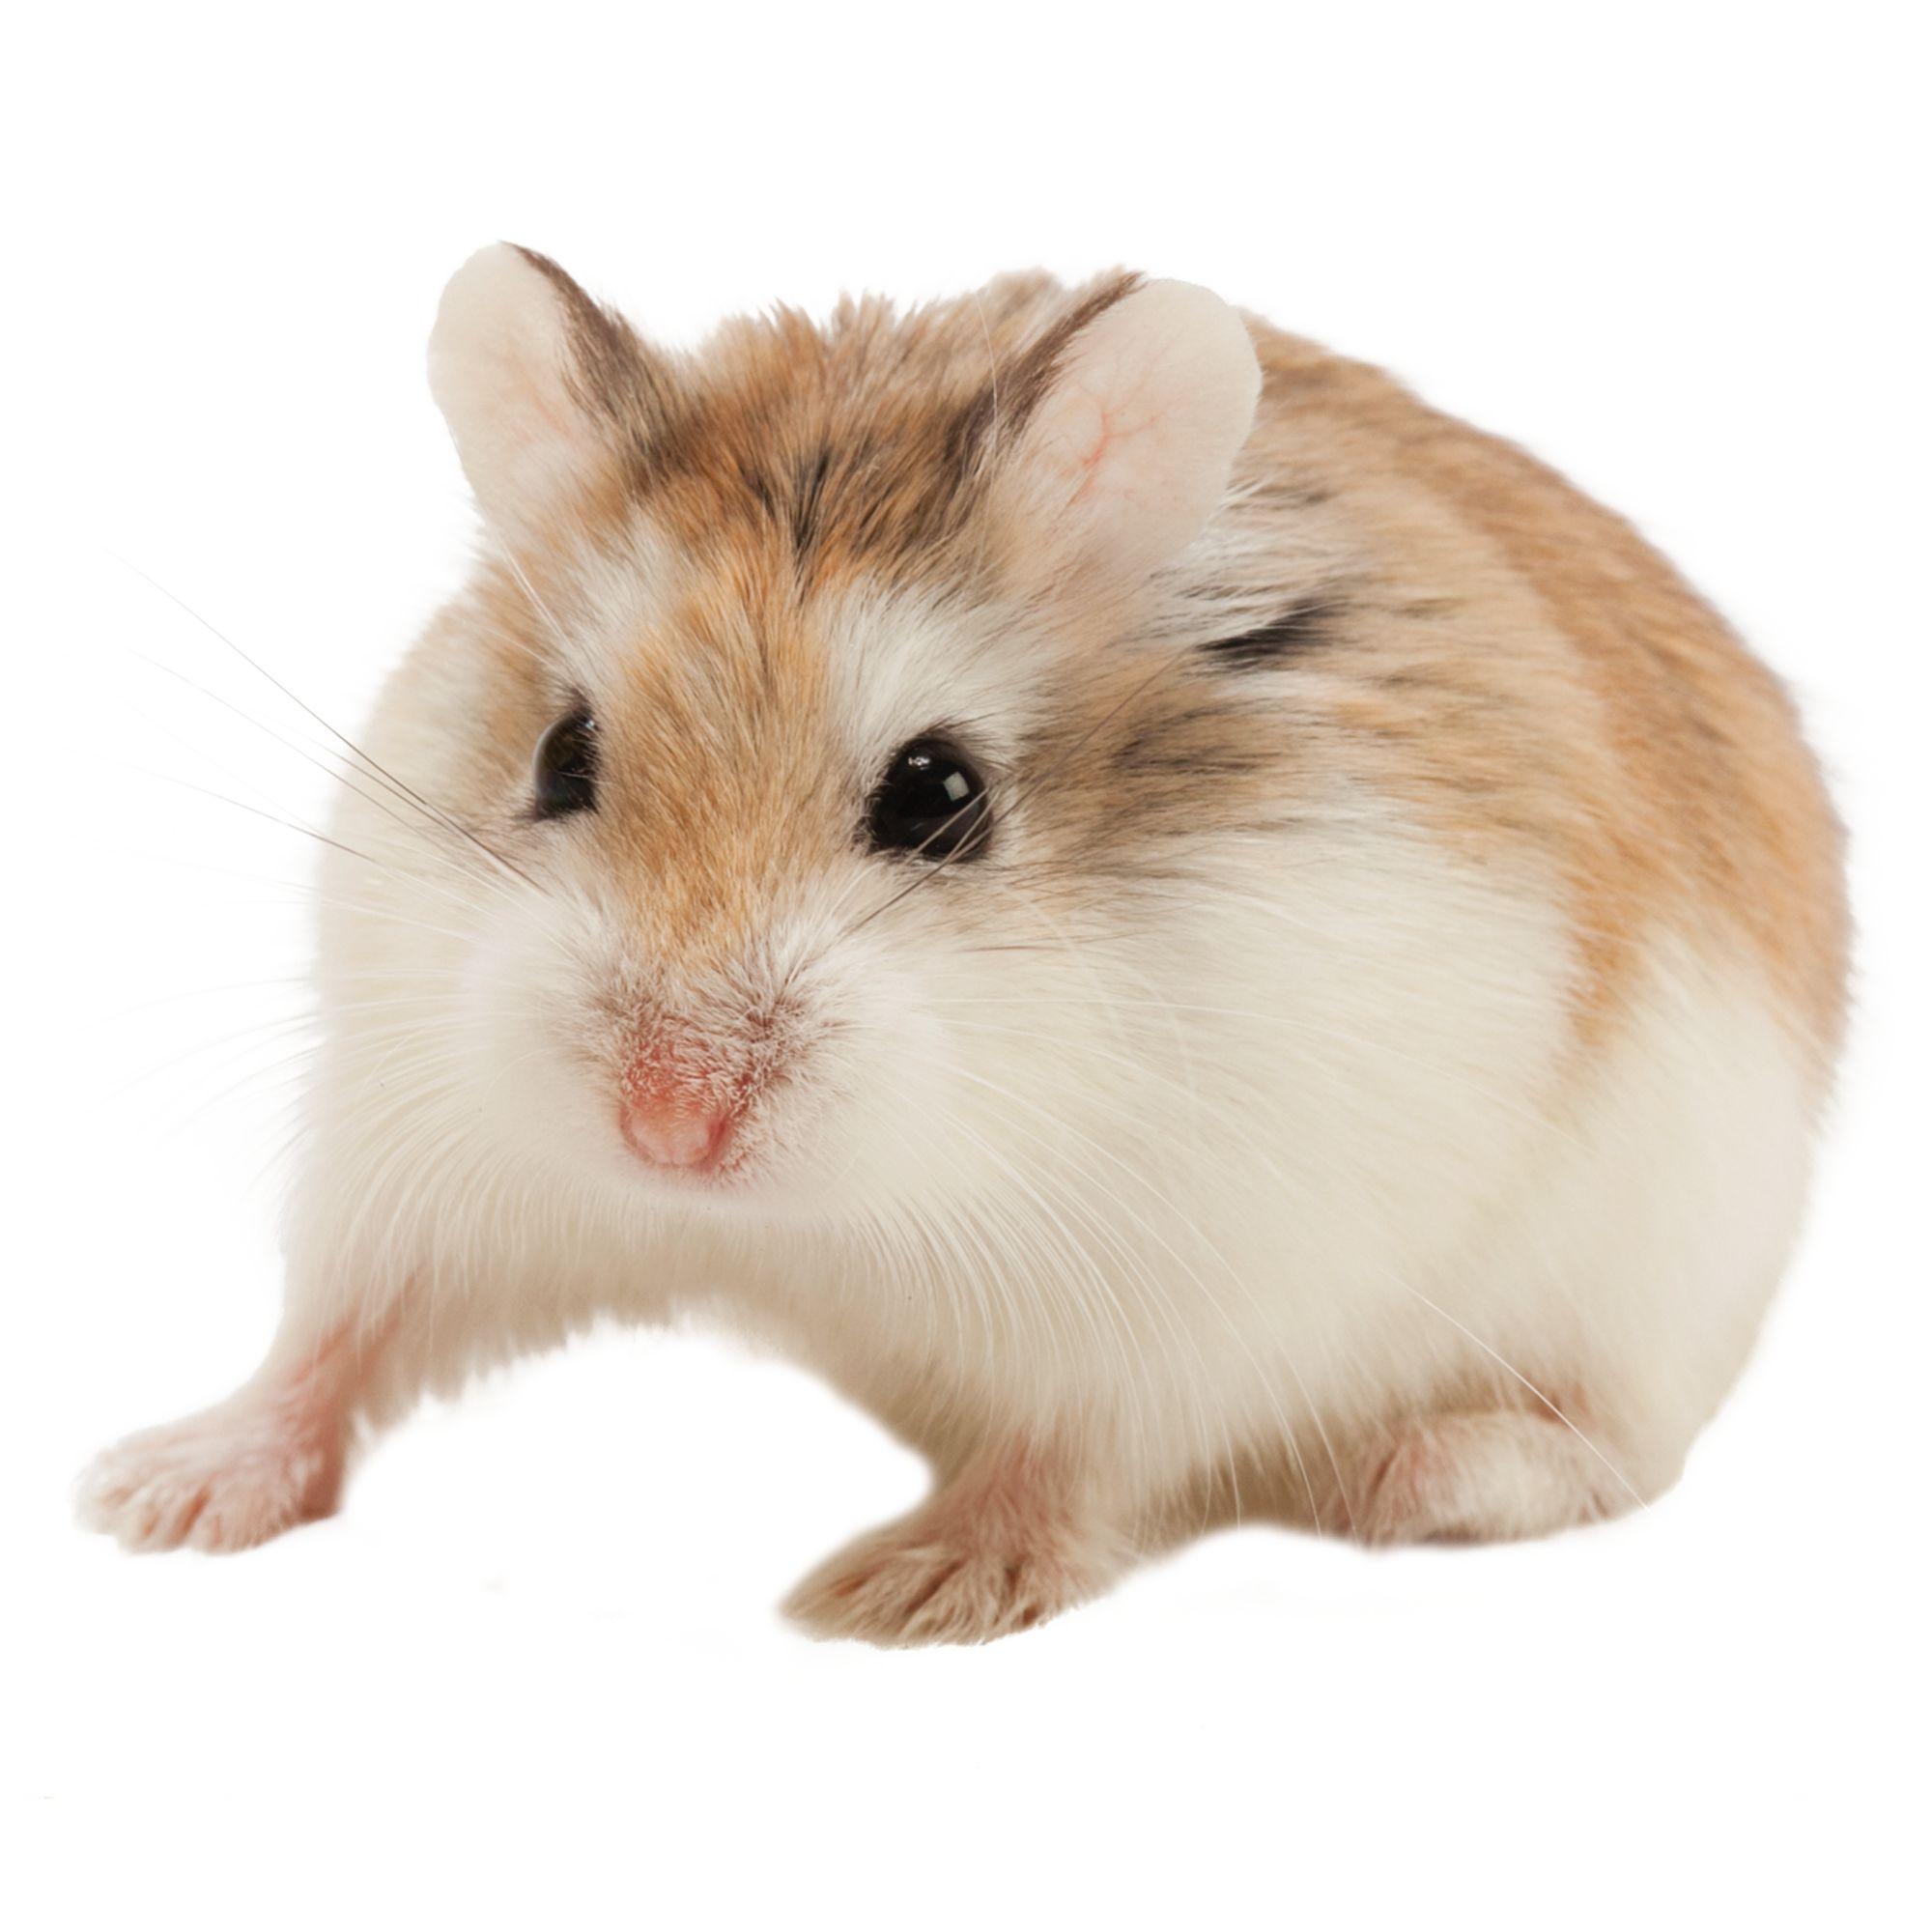 Roborovski Dwarf Hamster Dwarf Hamsters For Sale Hamsters For